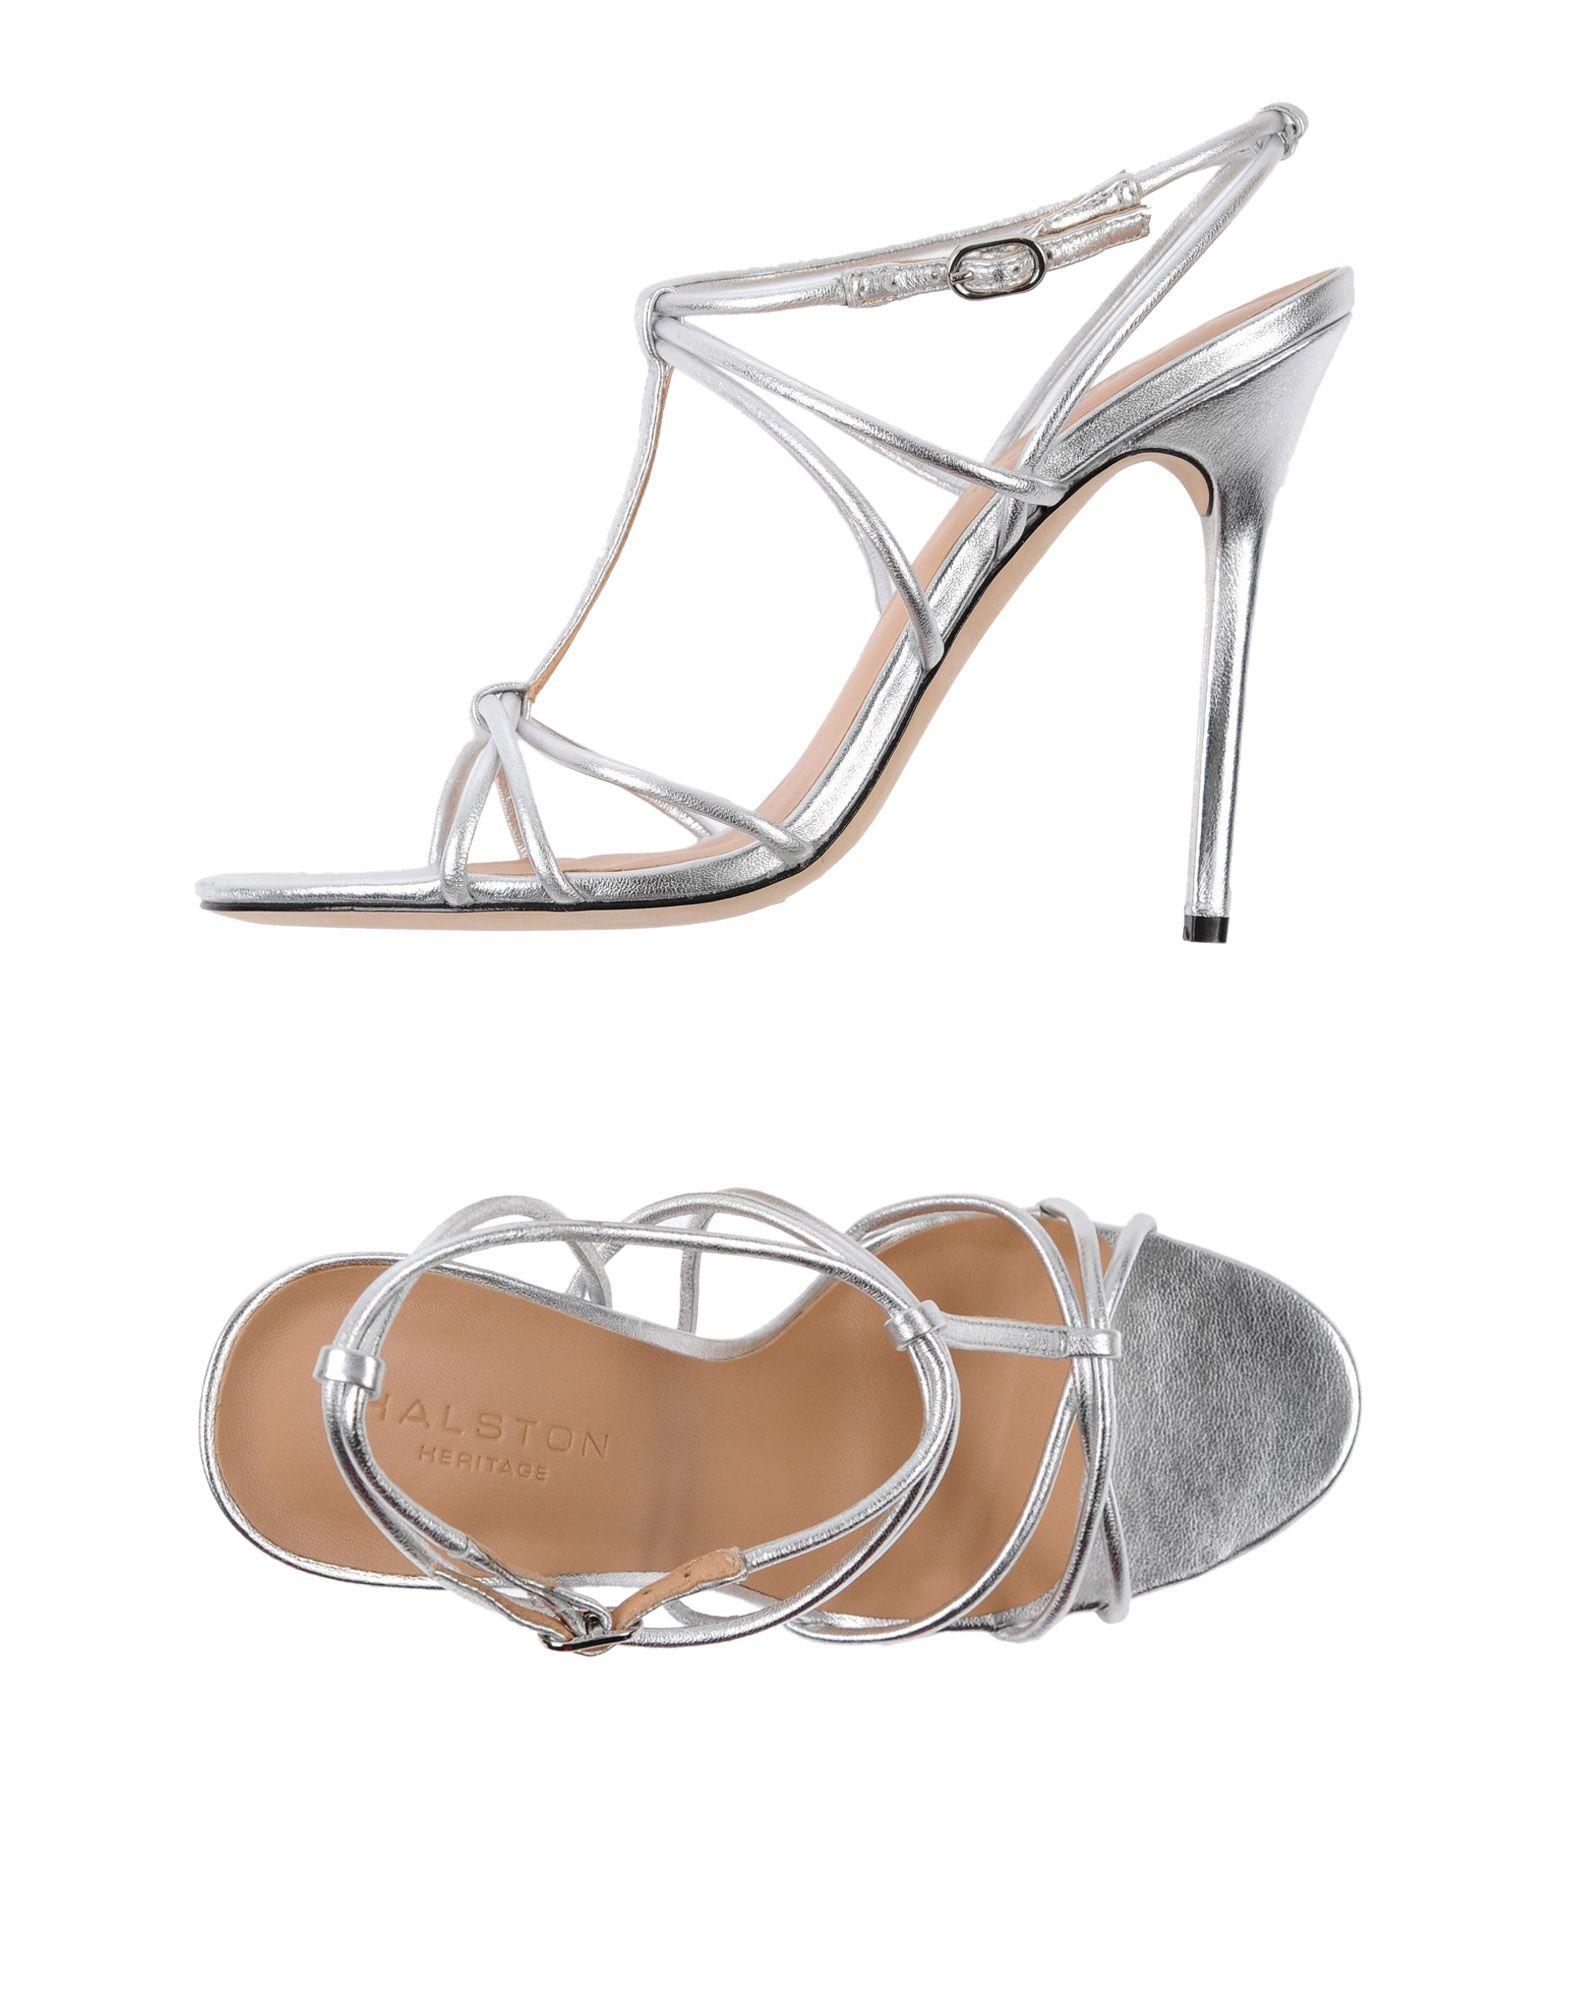 Halston Heritage Sandals Sandals - Women Halston Heritage Sandals Sandals online on  United Kingdom - 11460669XI 44ee4c